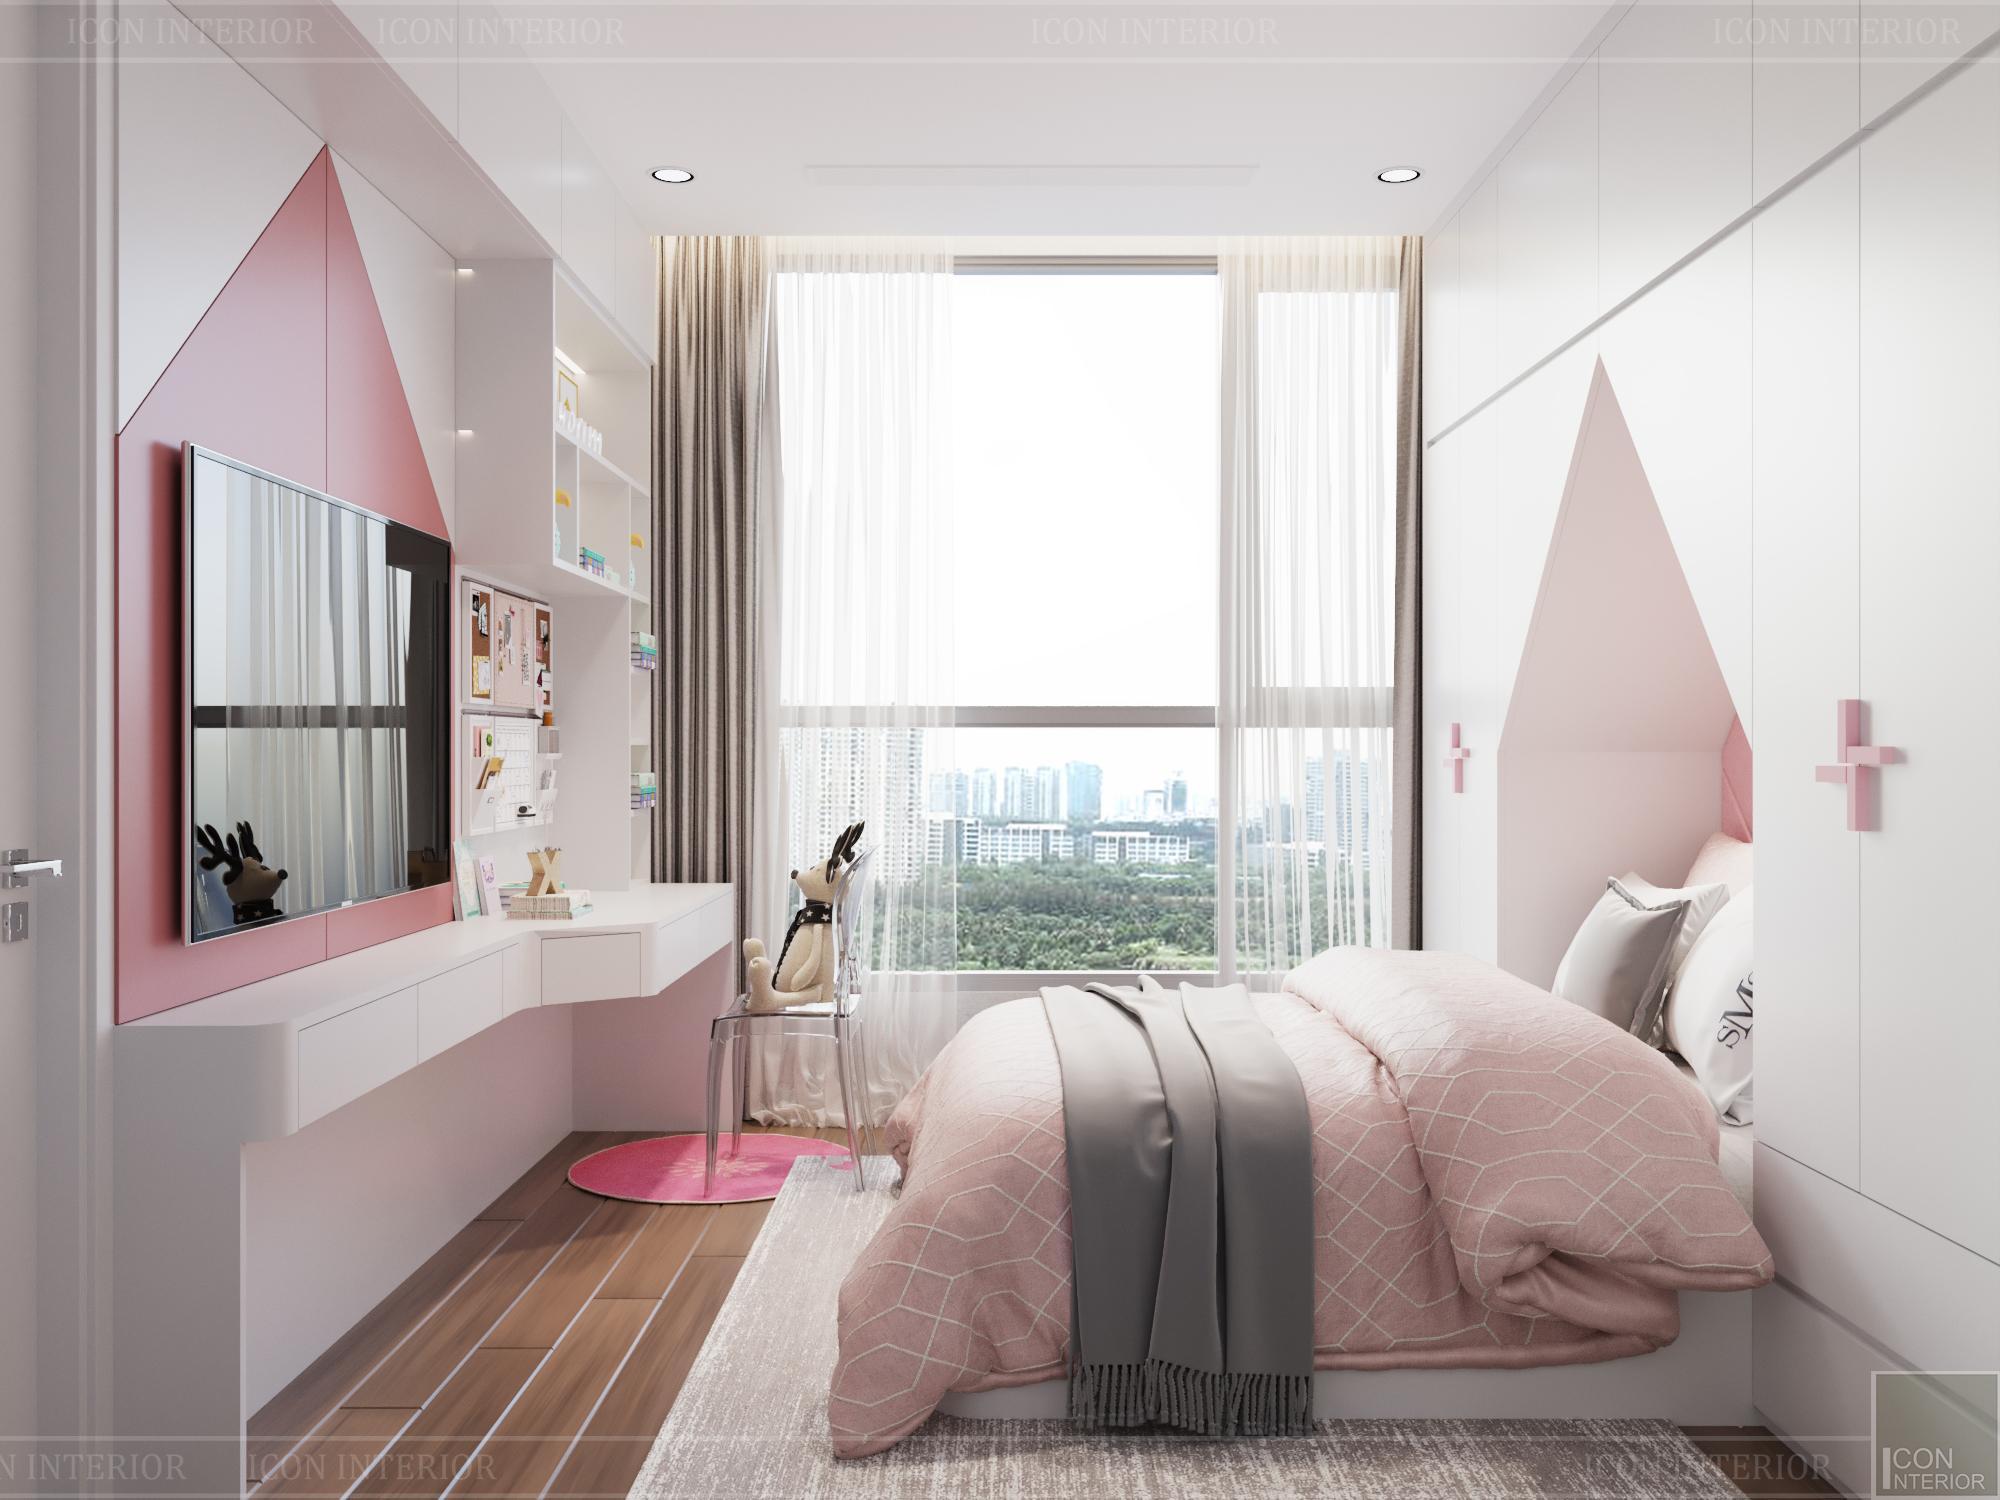 thiết kế căn hộ 3 phòng ngủ hiện đại - phòng ngủ bé 1